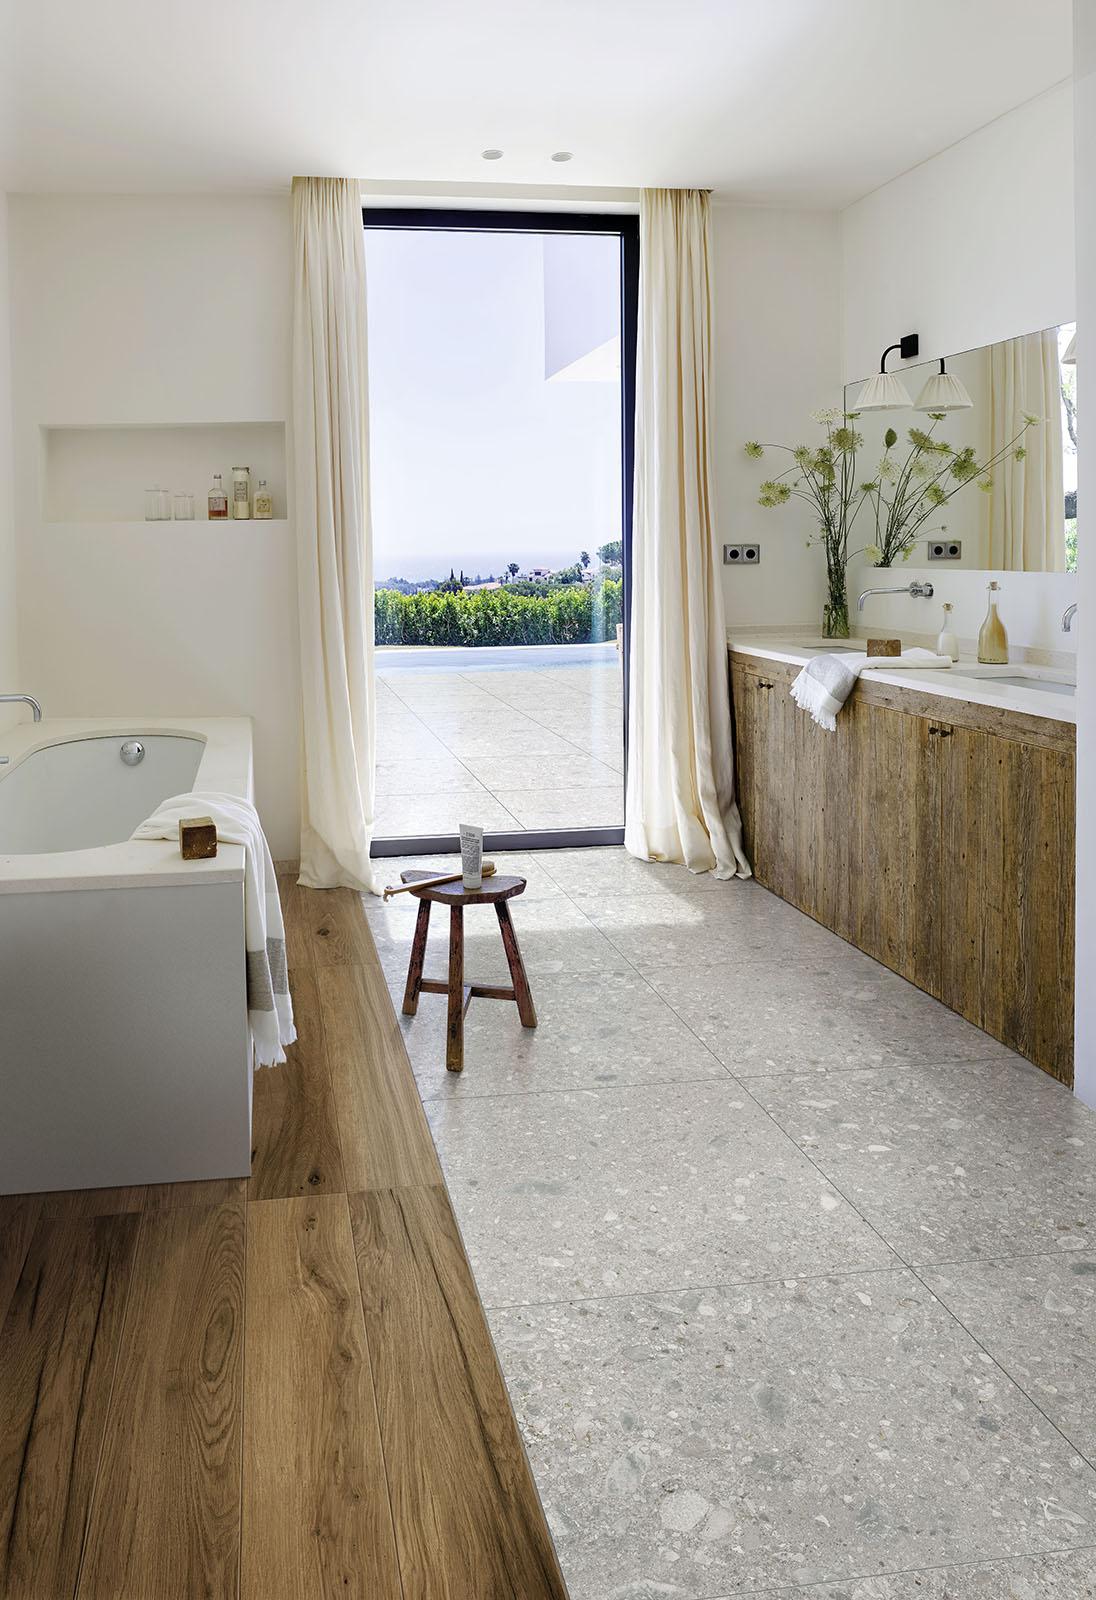 mattonelle per bagno: ceramica e gres porcellanato | marazzi - Immagini Di Bagni Moderni Arredati